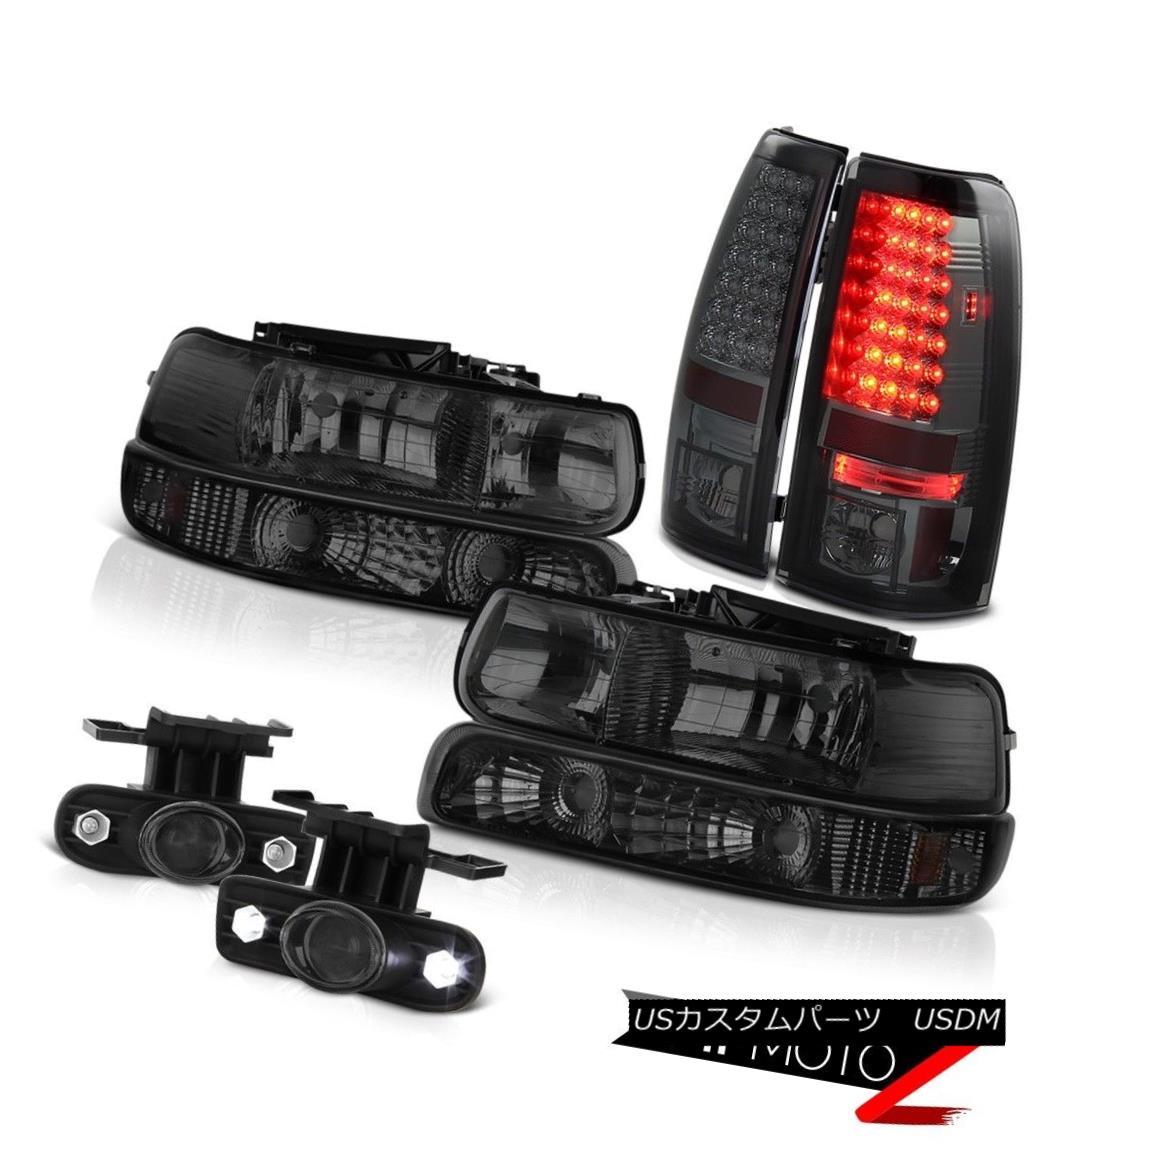 ヘッドライト 99 00 01 02 Chevrolet Silverado 1500 Smoke Bumper Headlamps Tail Lamps Foglamps 99 00 01 02シボレーシルバラード1500スモークバンパーヘッドランプテールランプフォグランプ